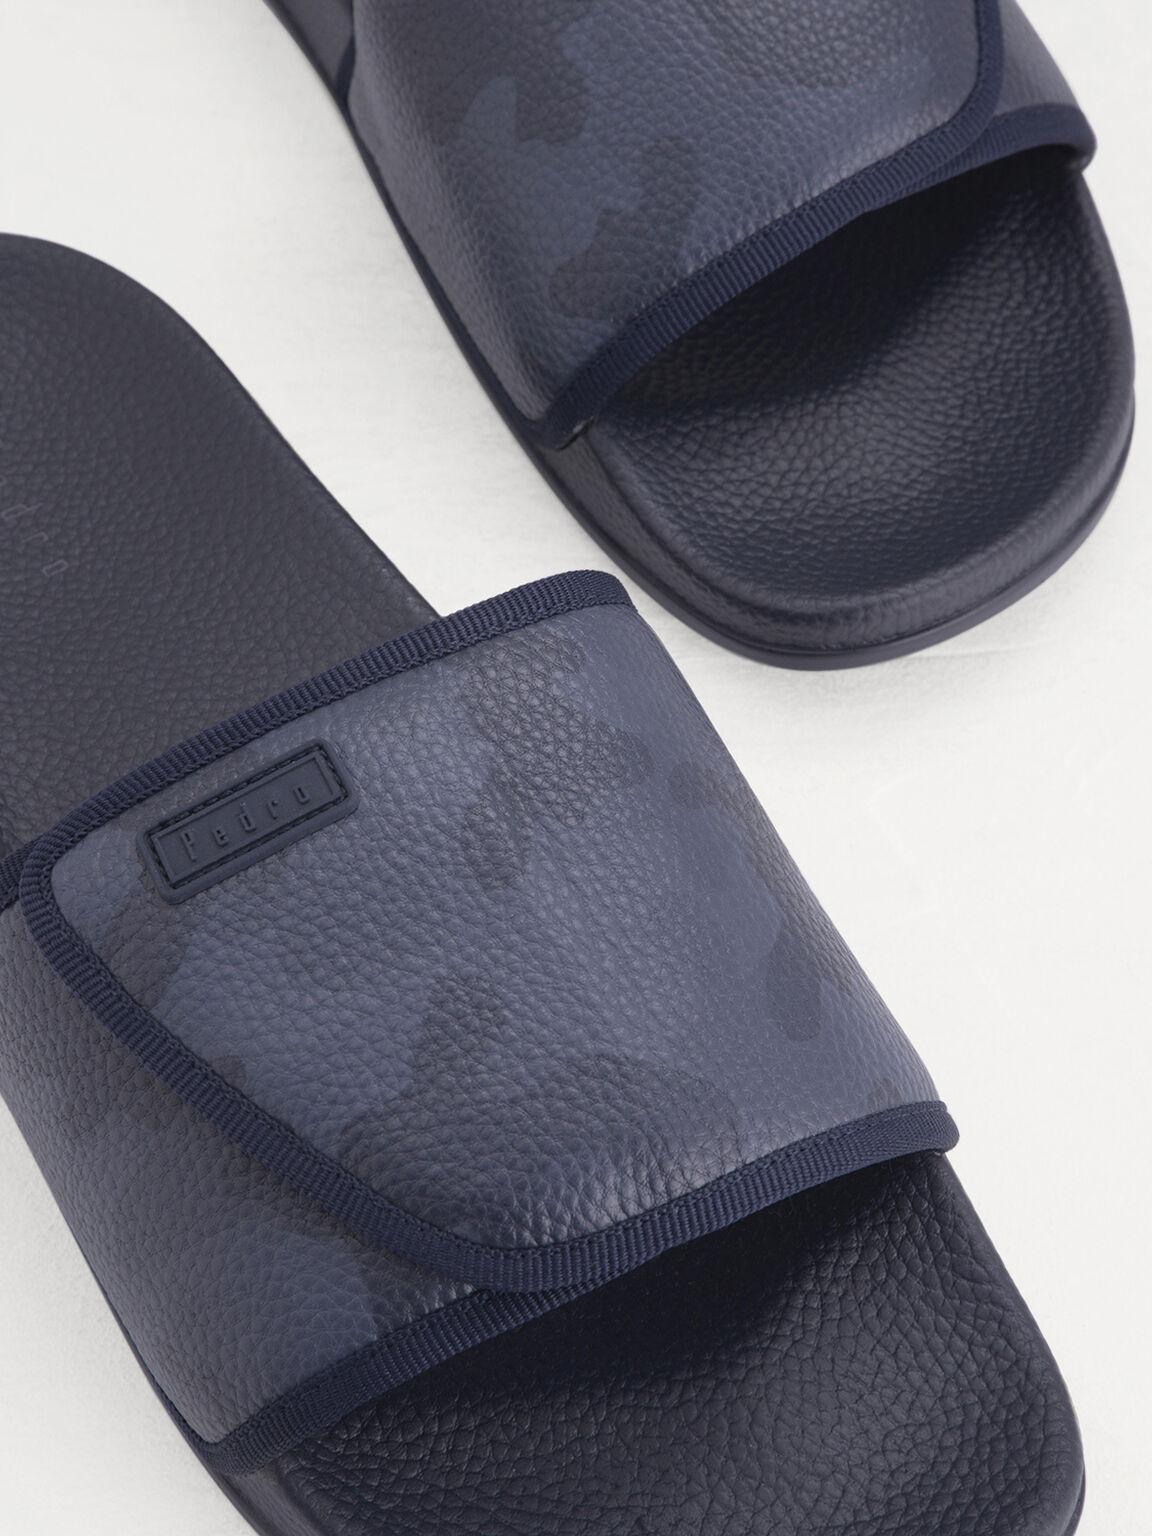 Camo-Effect Sliders, Navy, hi-res